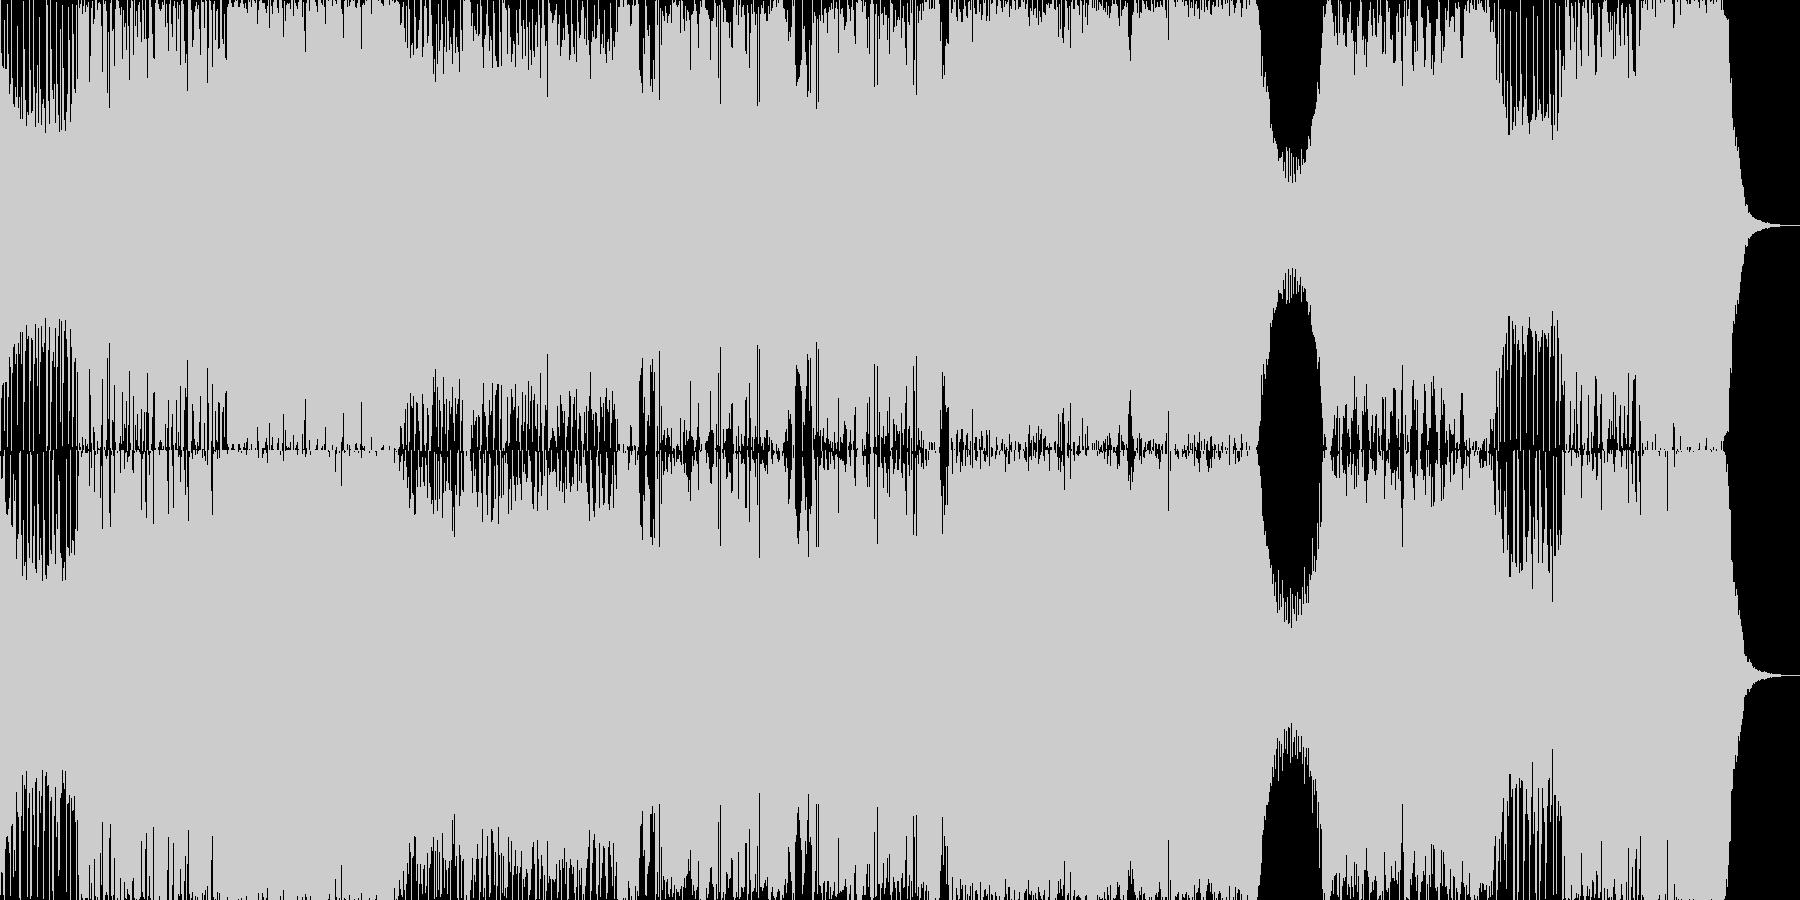 ダブステップとギターによるハードな曲の未再生の波形